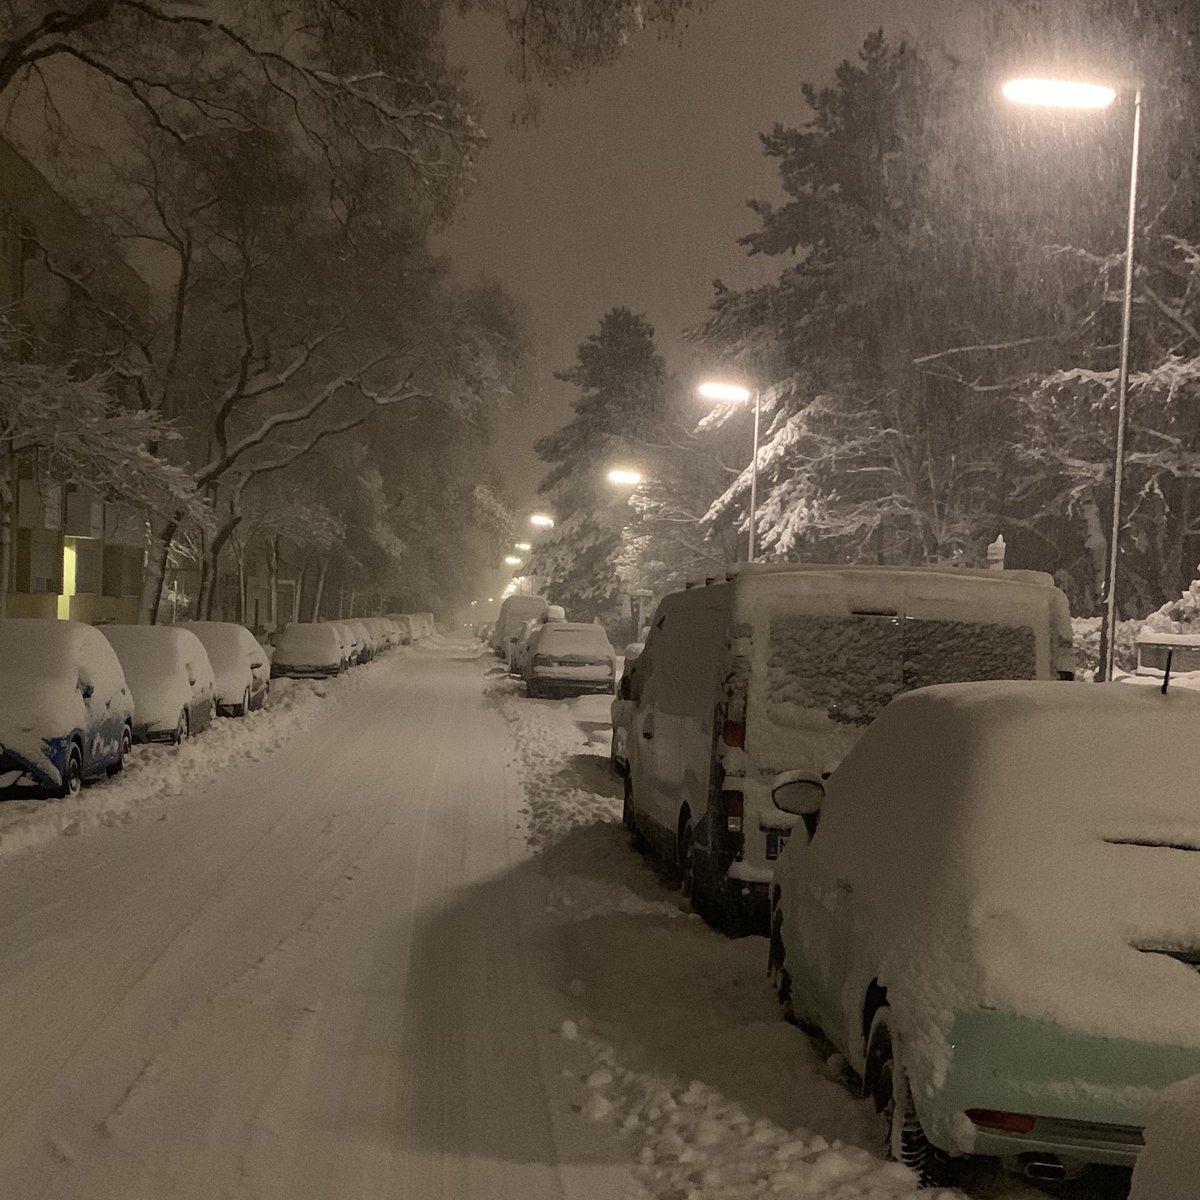 Br24 On Twitter Guten Morgen Bei Euch So Schnee Wetter Winter